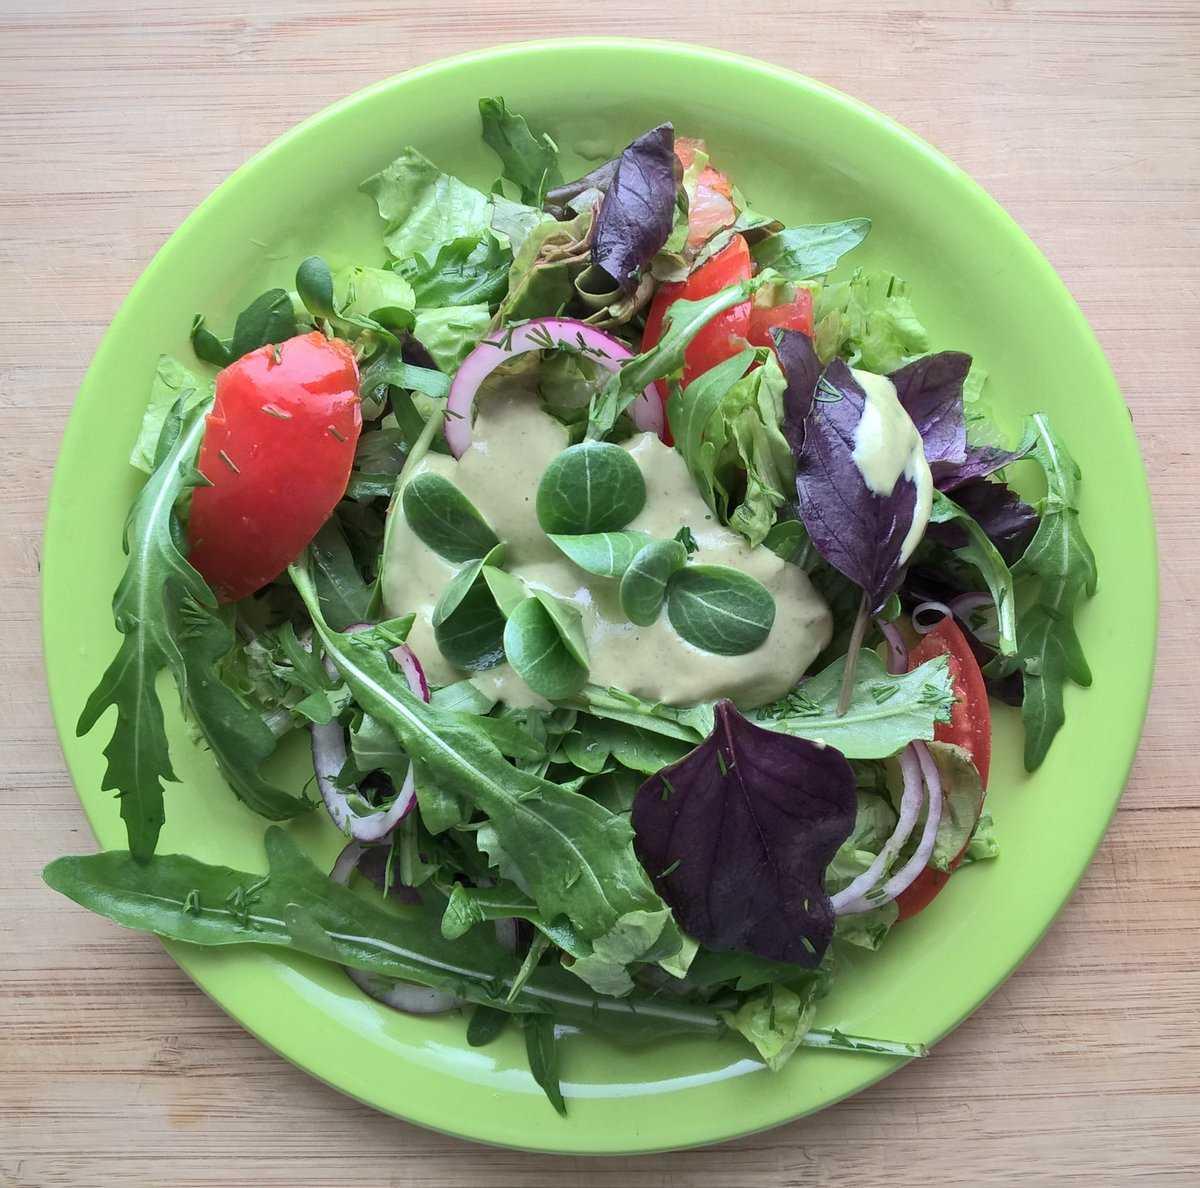 Салат с помидорами, творогом и базиликом рецепт с фото пошагово - 1000.menu